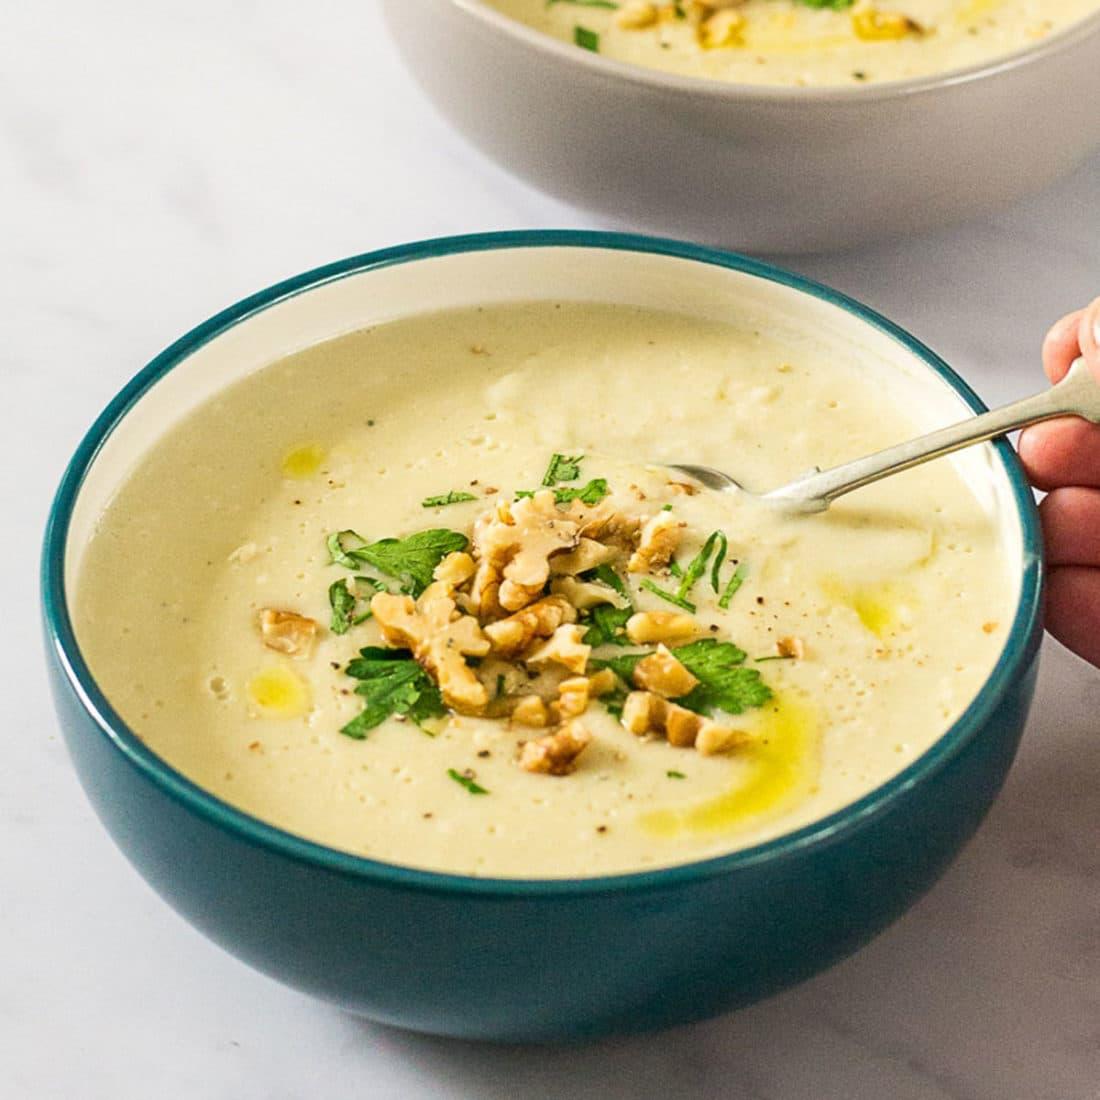 artichoke parsnip soup in blue bowl